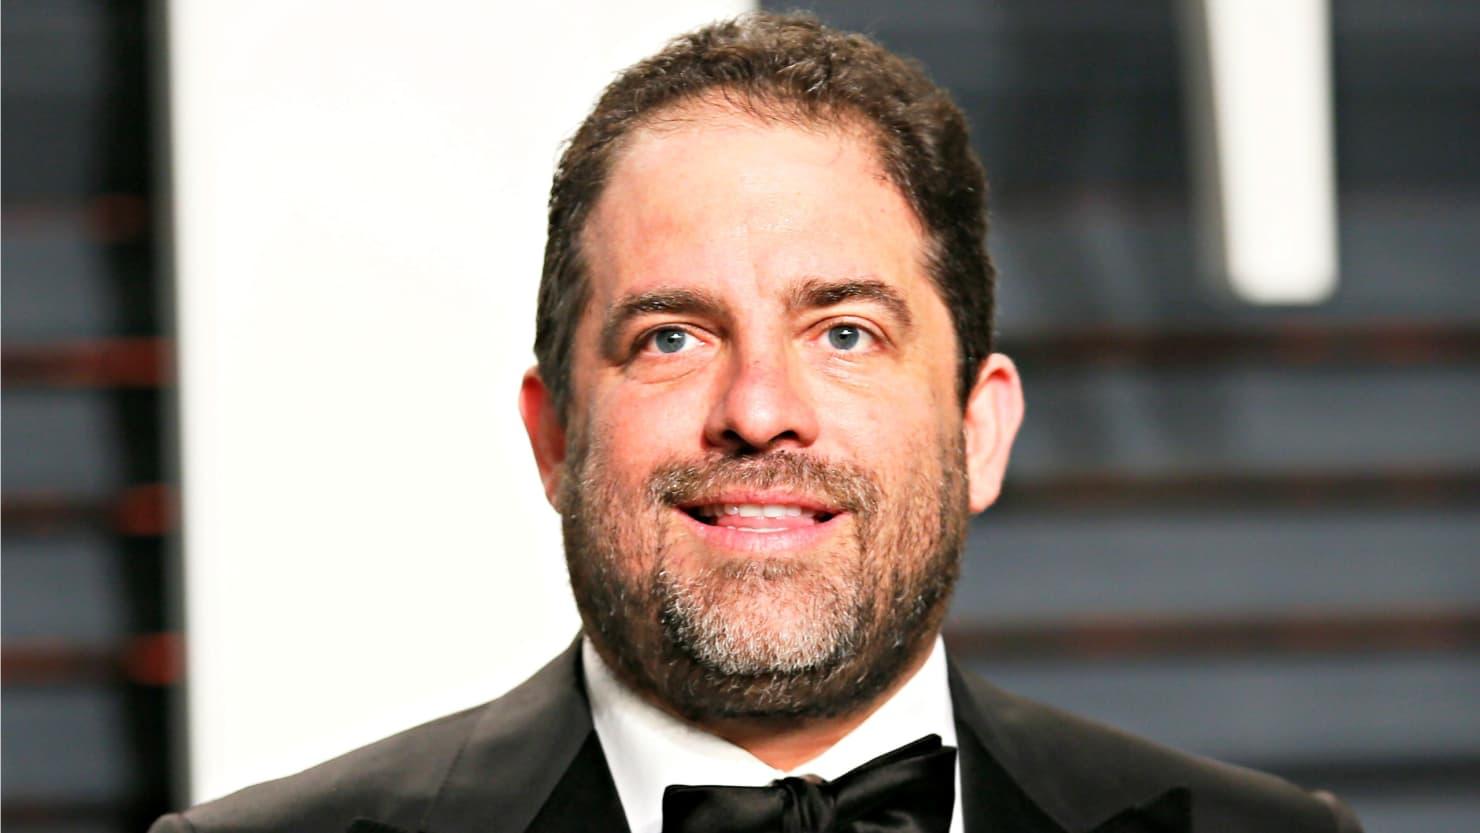 17位好萊塢性侵犯名單完整收錄,連美國前總統也上榜!他推廣「開黃腔很健康」